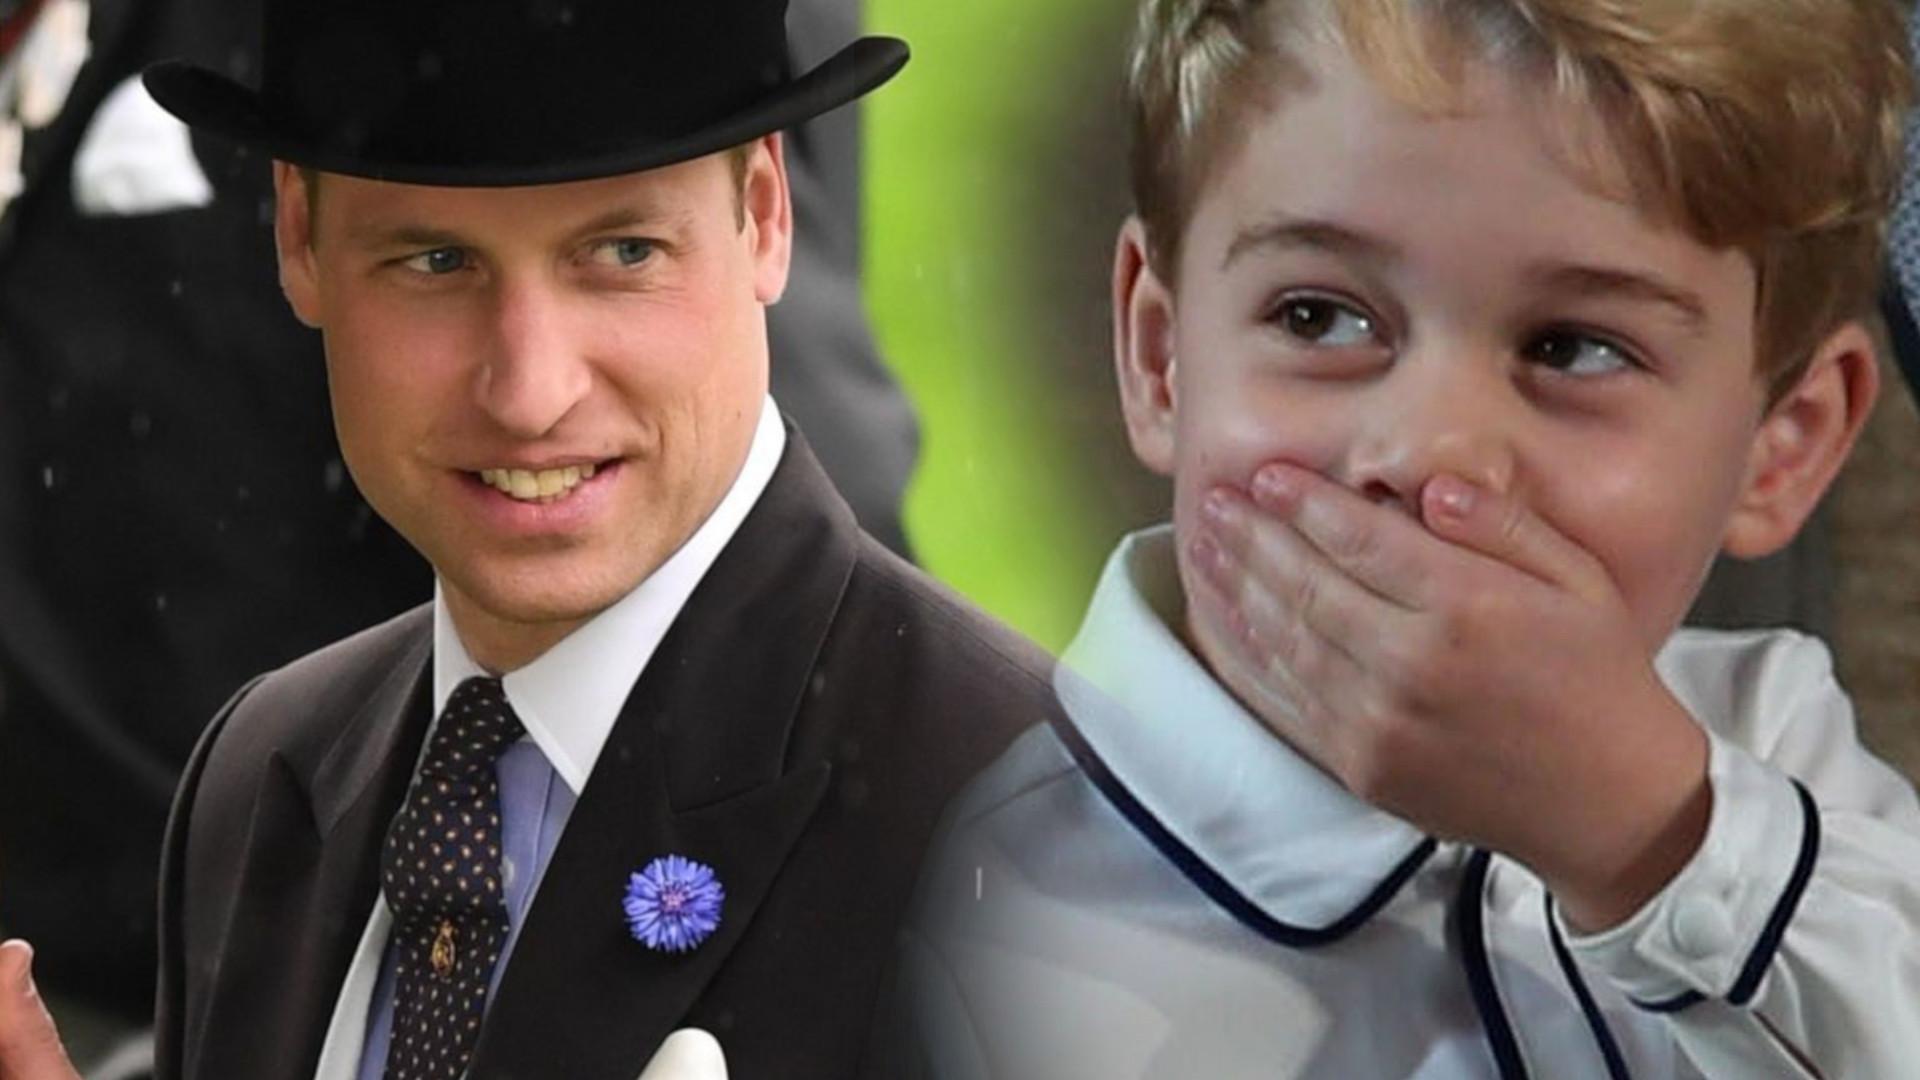 Nauczycielka księcia George'a bierze ślub z przyjacielem księcia Williama